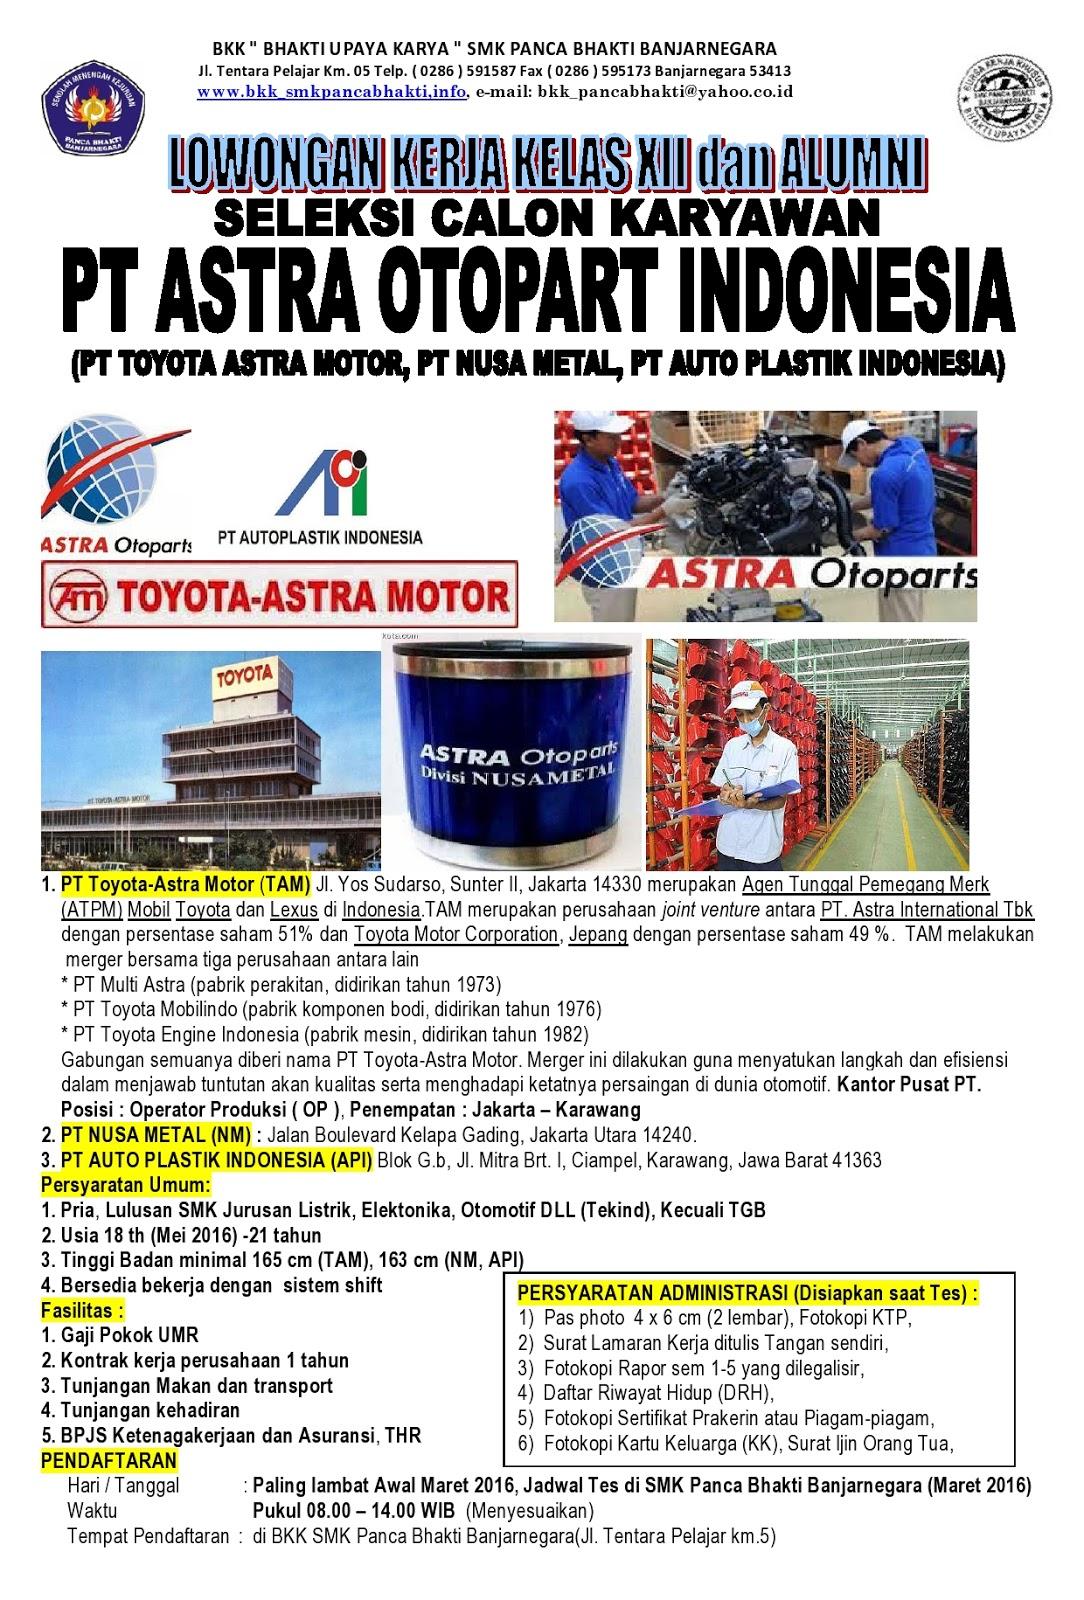 Gabungan semuanya diberi nama pt toyota astra motor merger ini dilakukan guna menyatukan langkah dan efisiensi dalam menjawab tuntutan akan kualitas serta